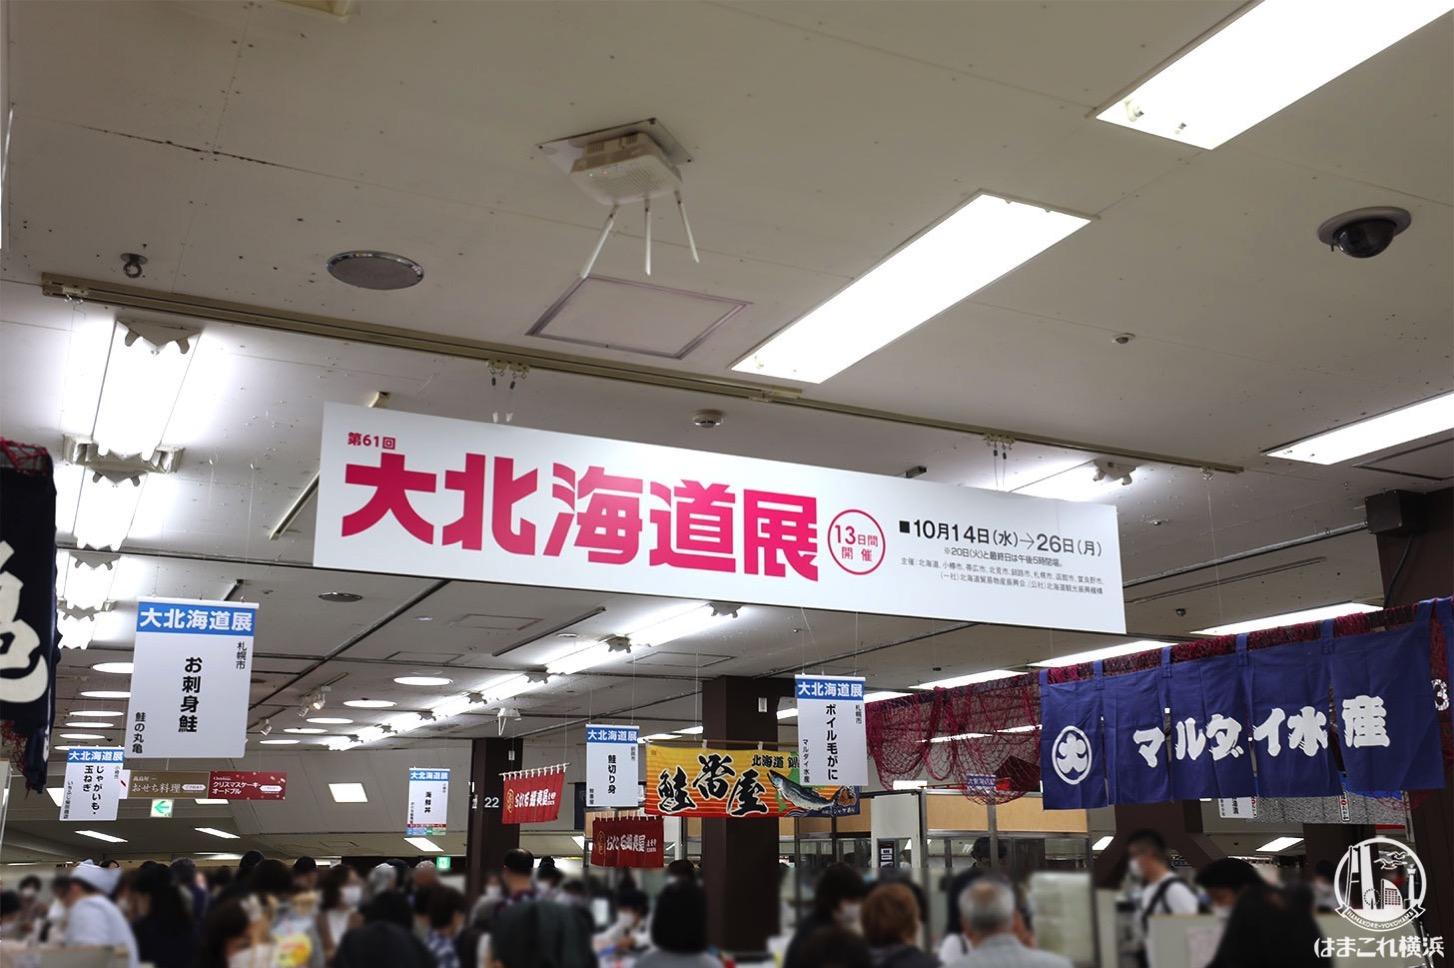 横浜高島屋「大北海道展」